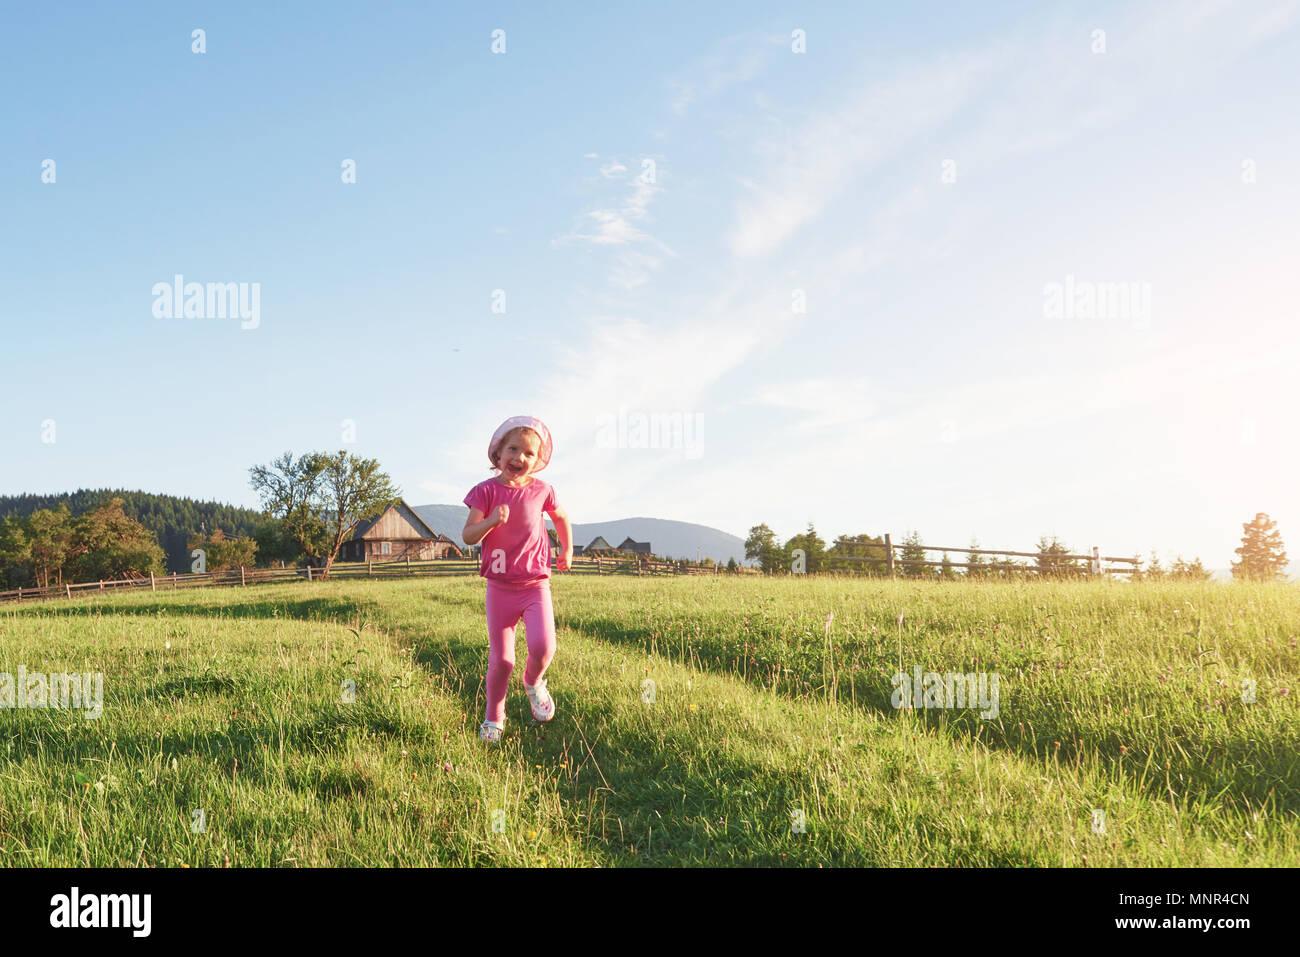 Cute poco feliz niña juegan al aire libre temprano en la mañana en el césped y admirar la vista de las montañas. Espacio para el texto copia Imagen De Stock